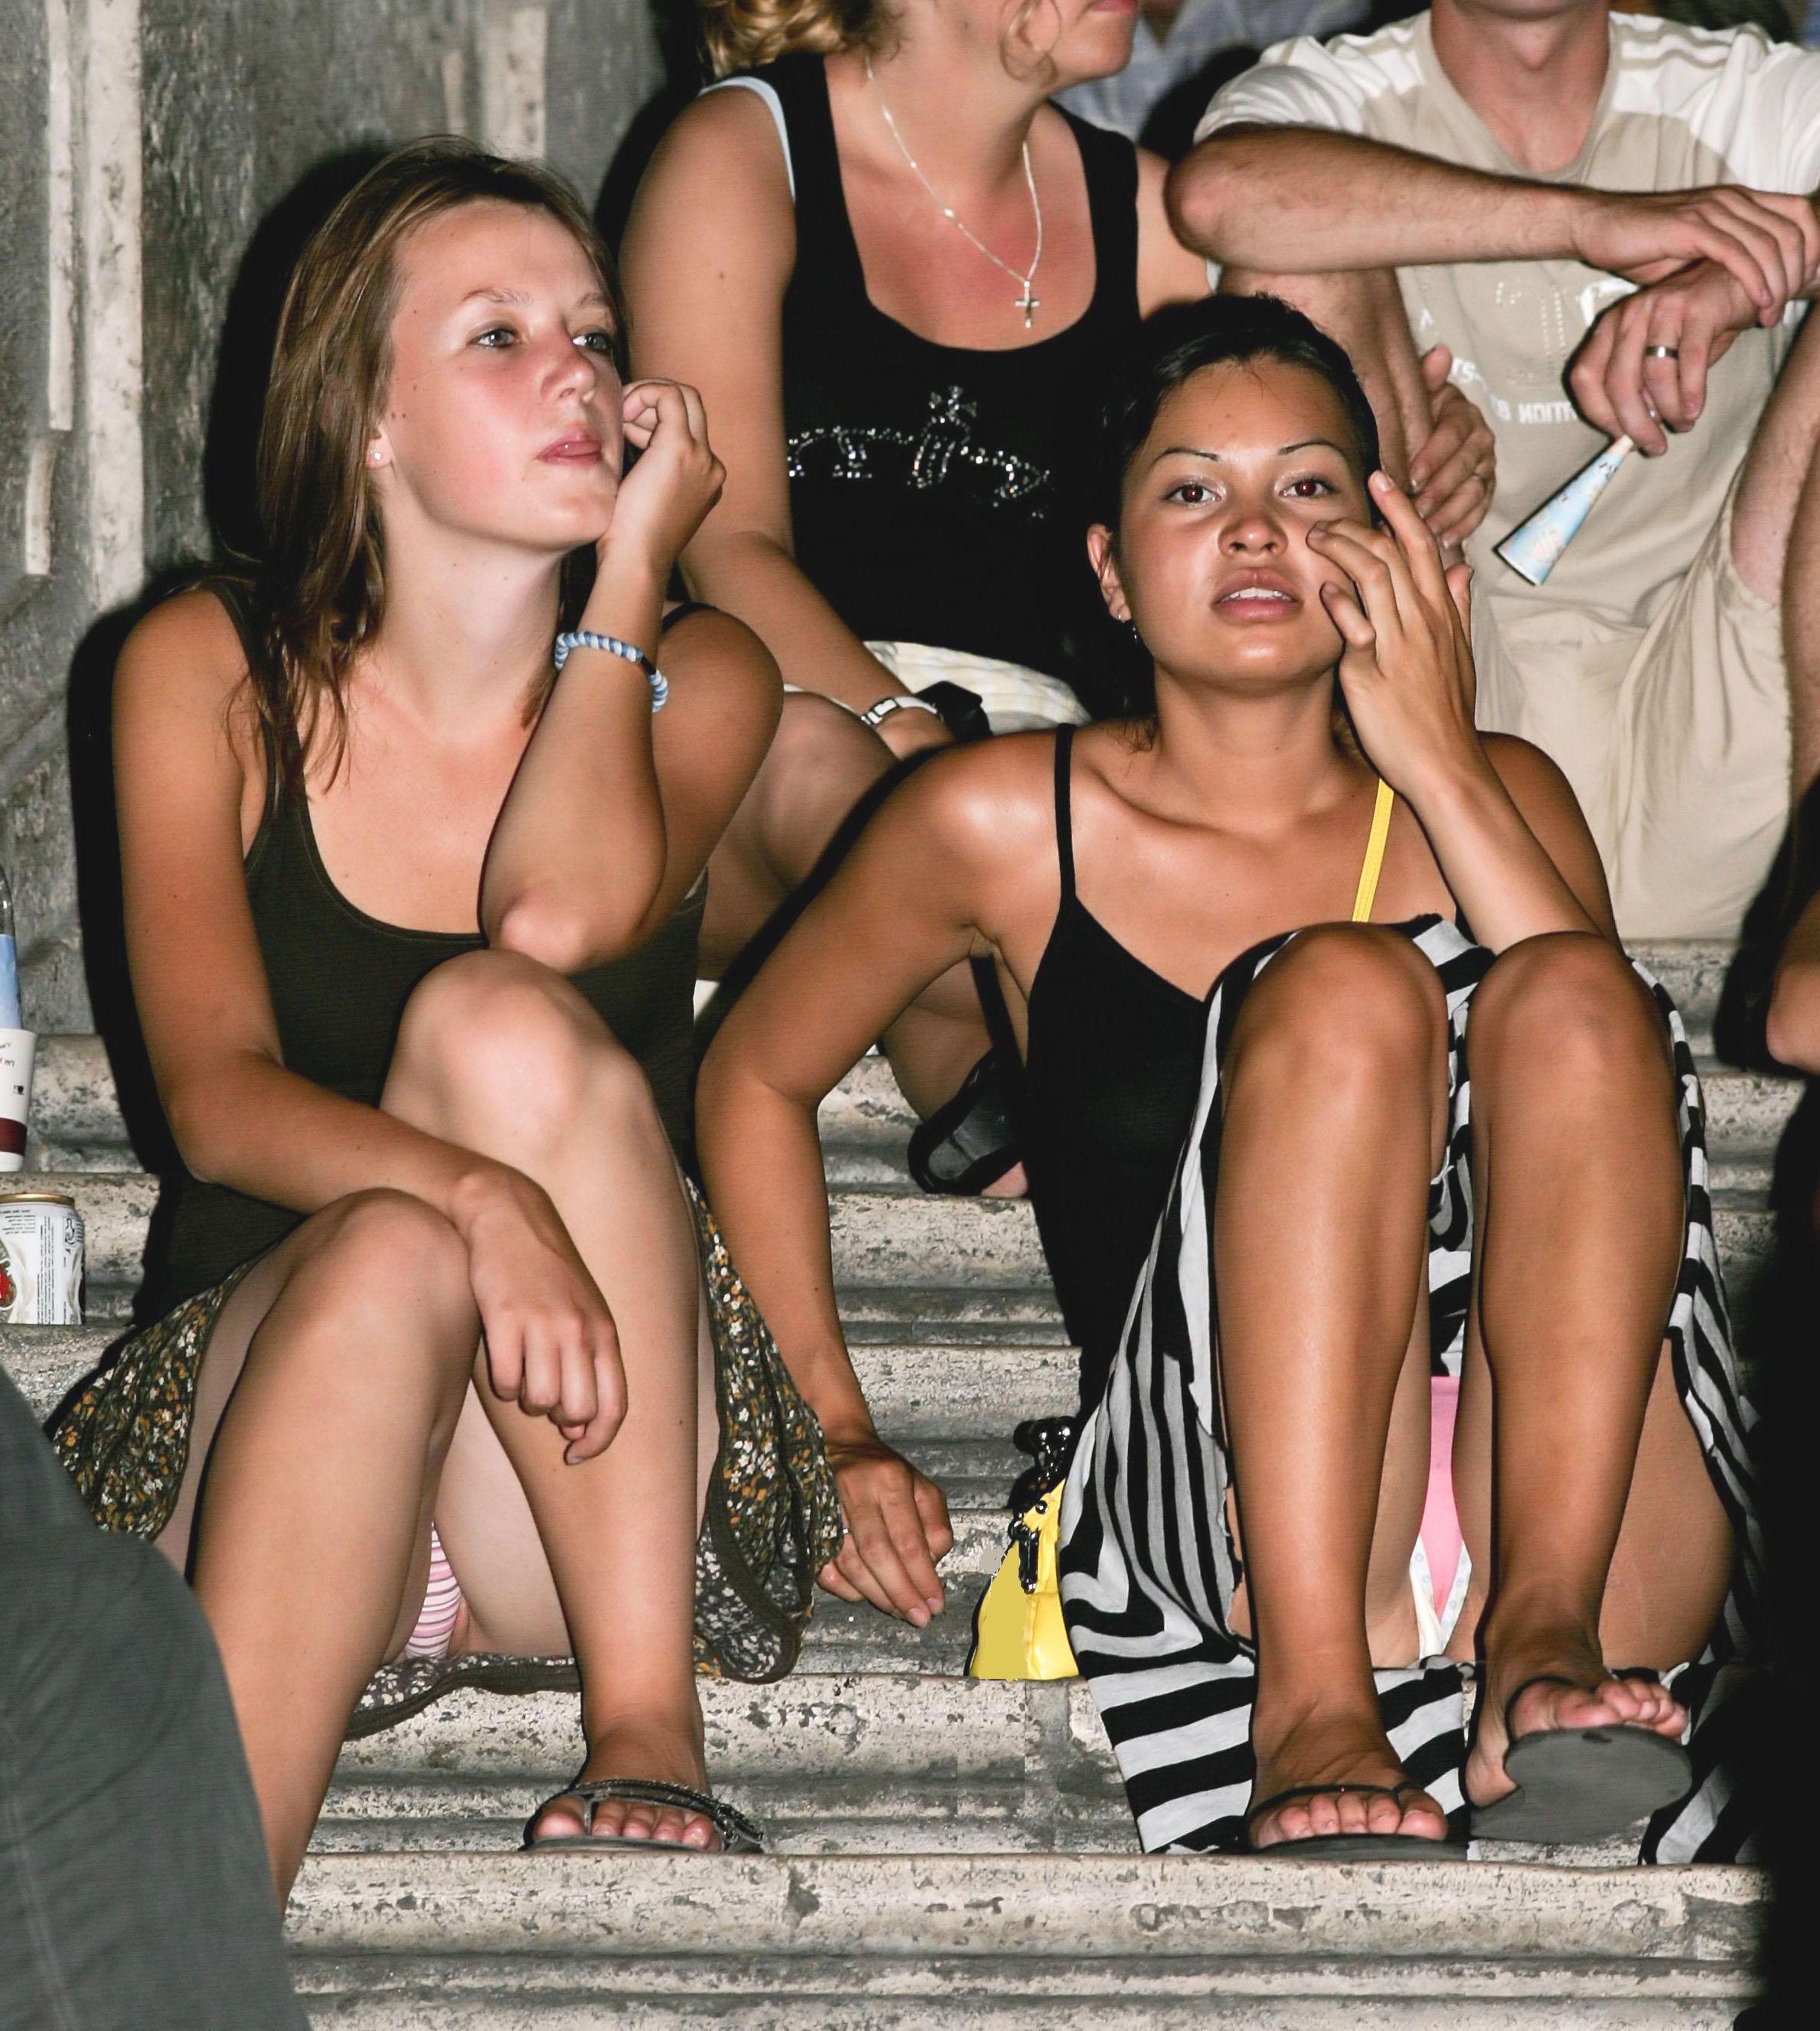 Две сексуальные девушки светят трусиками сидя на лестнице